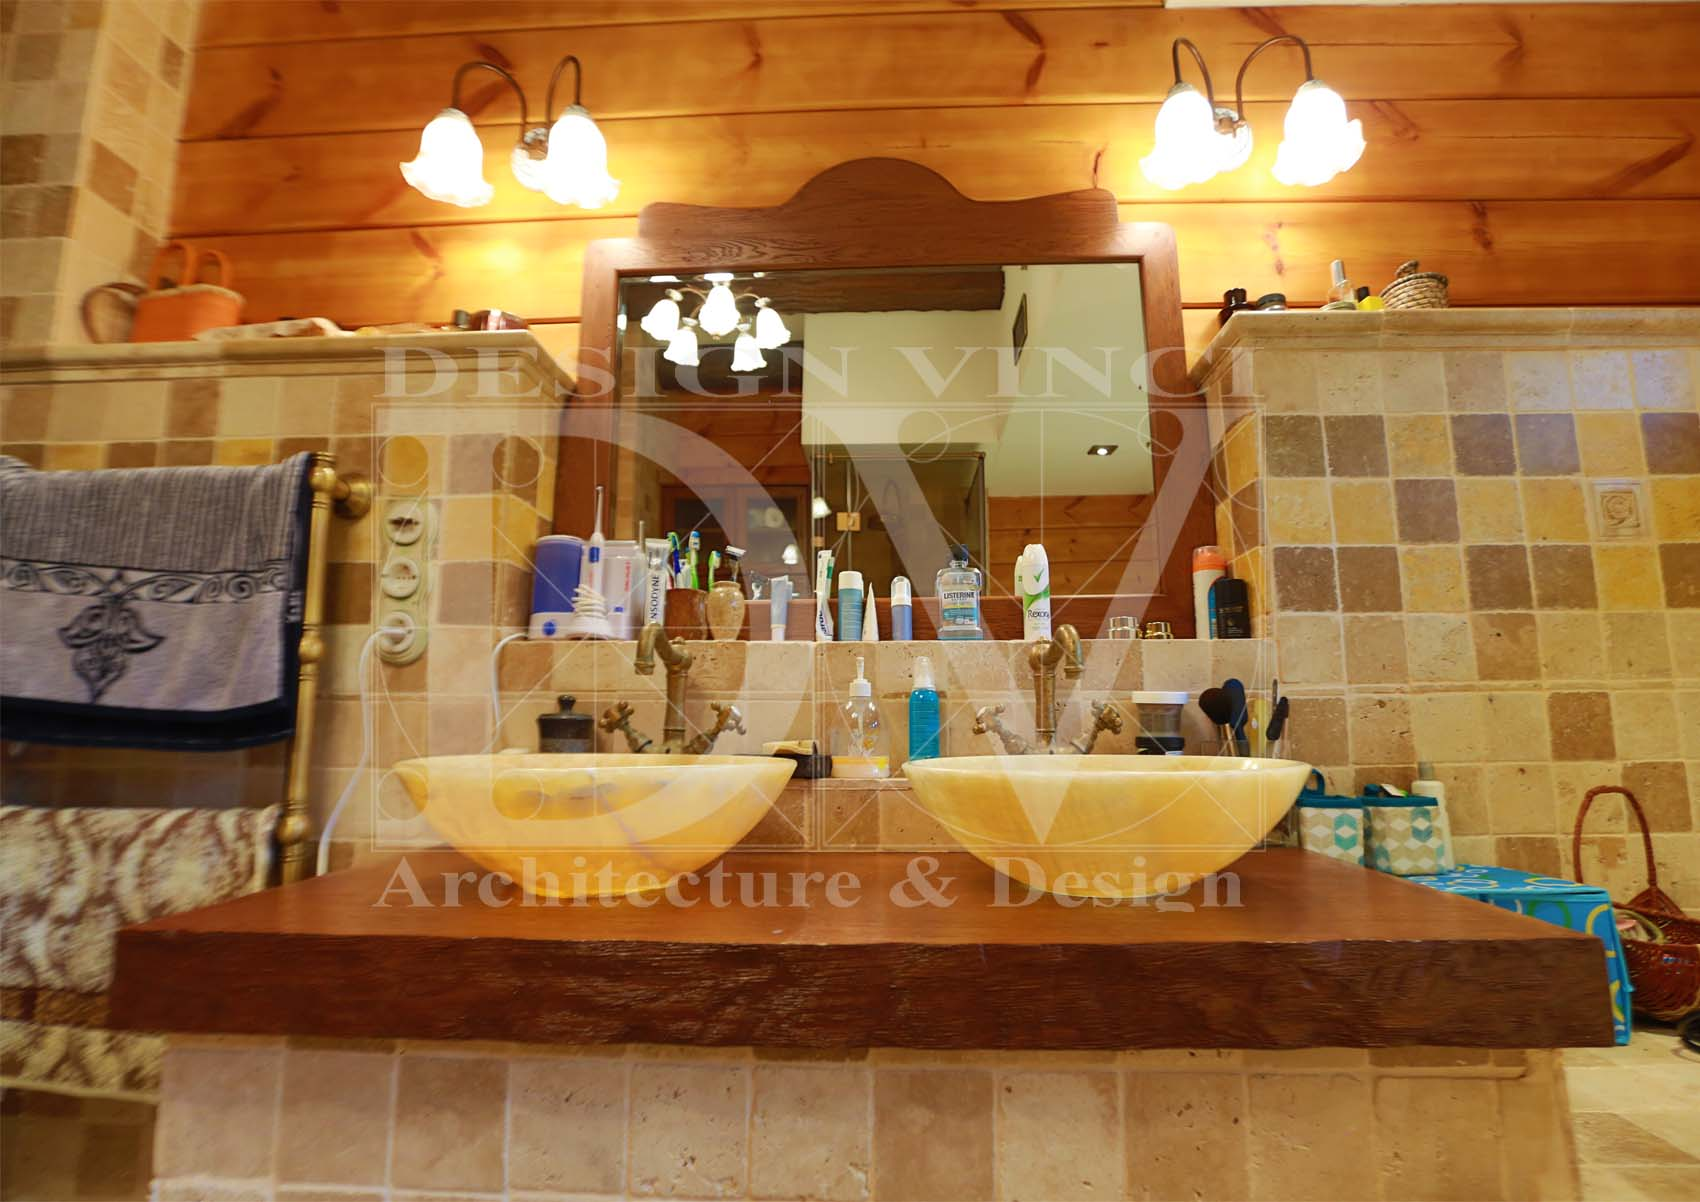 Bagno rustico toscano - Mobili stile toscano ...